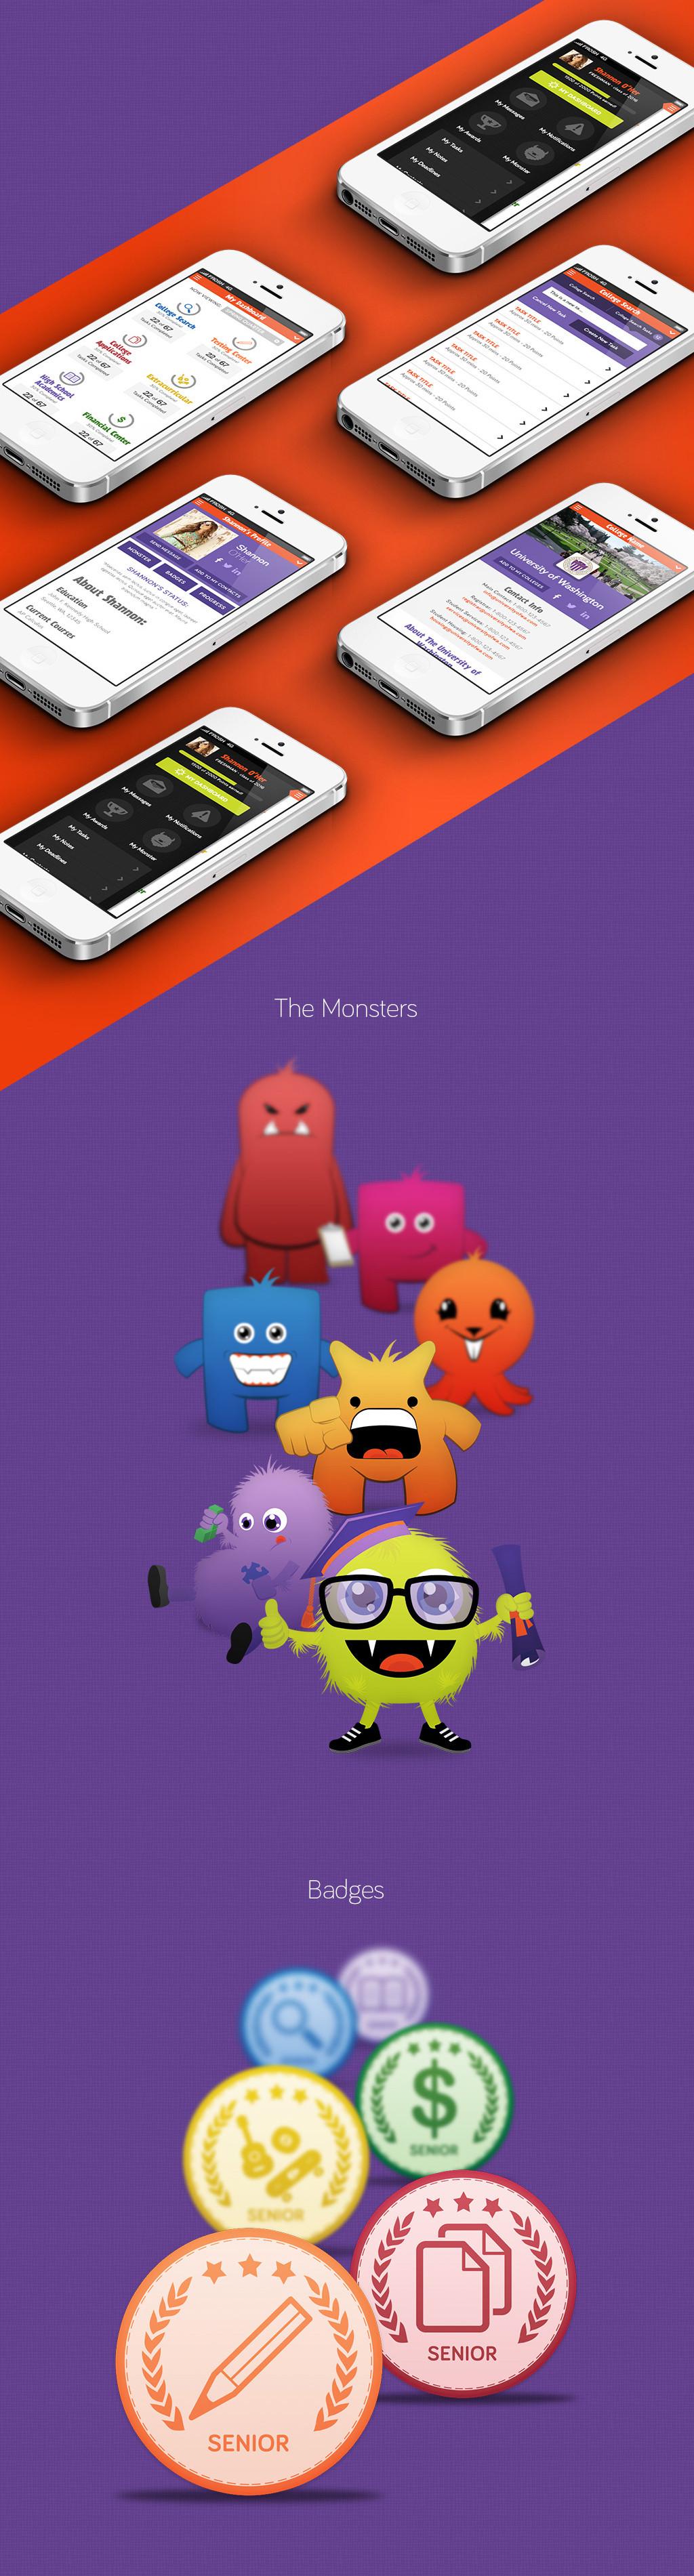 Frosh Monster Mobile Screens